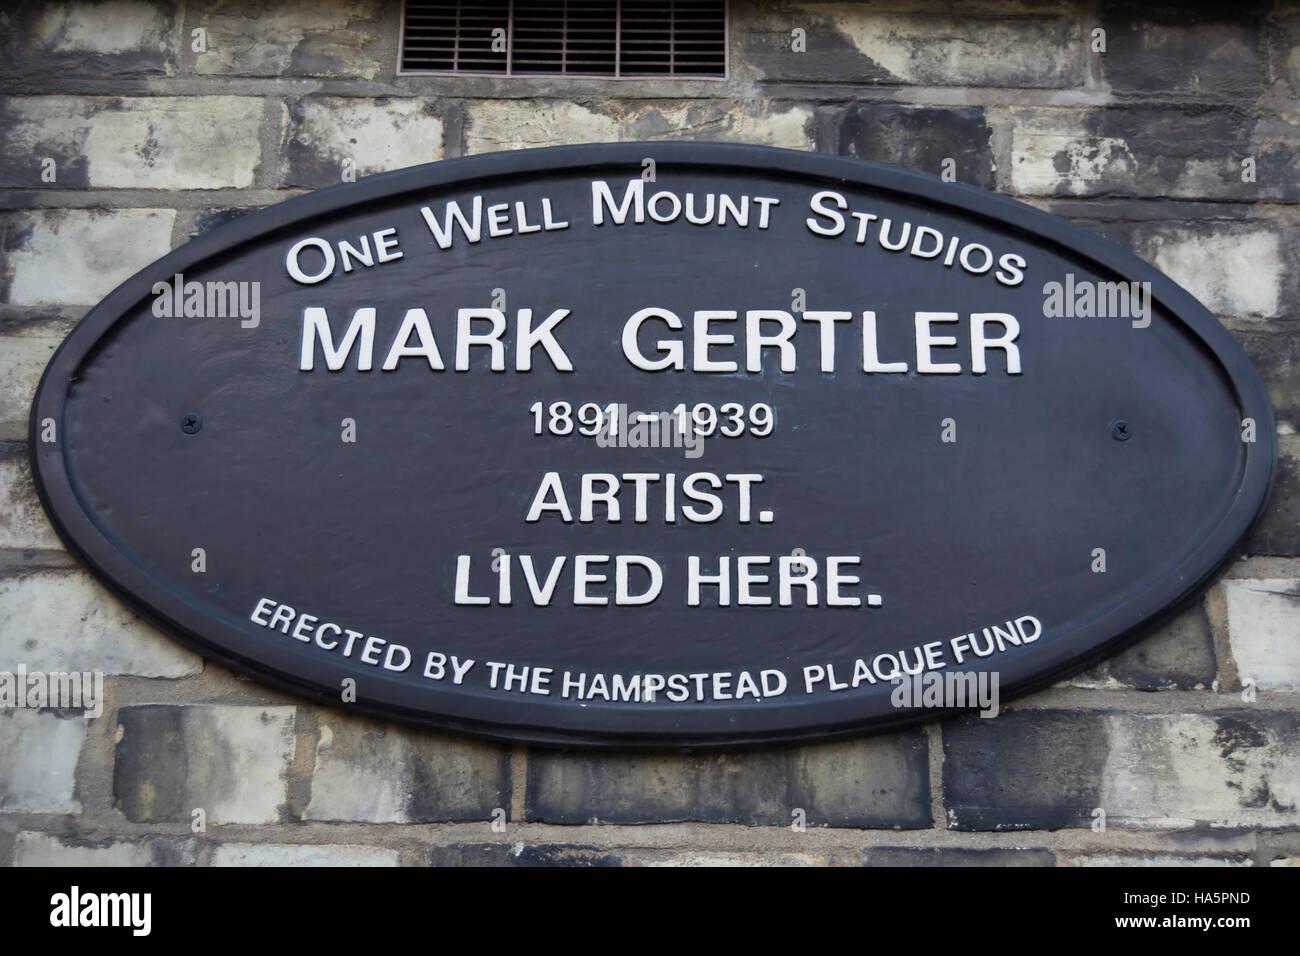 Mark Gertler Stock Photos & Mark Gertler Stock Images - Alamy